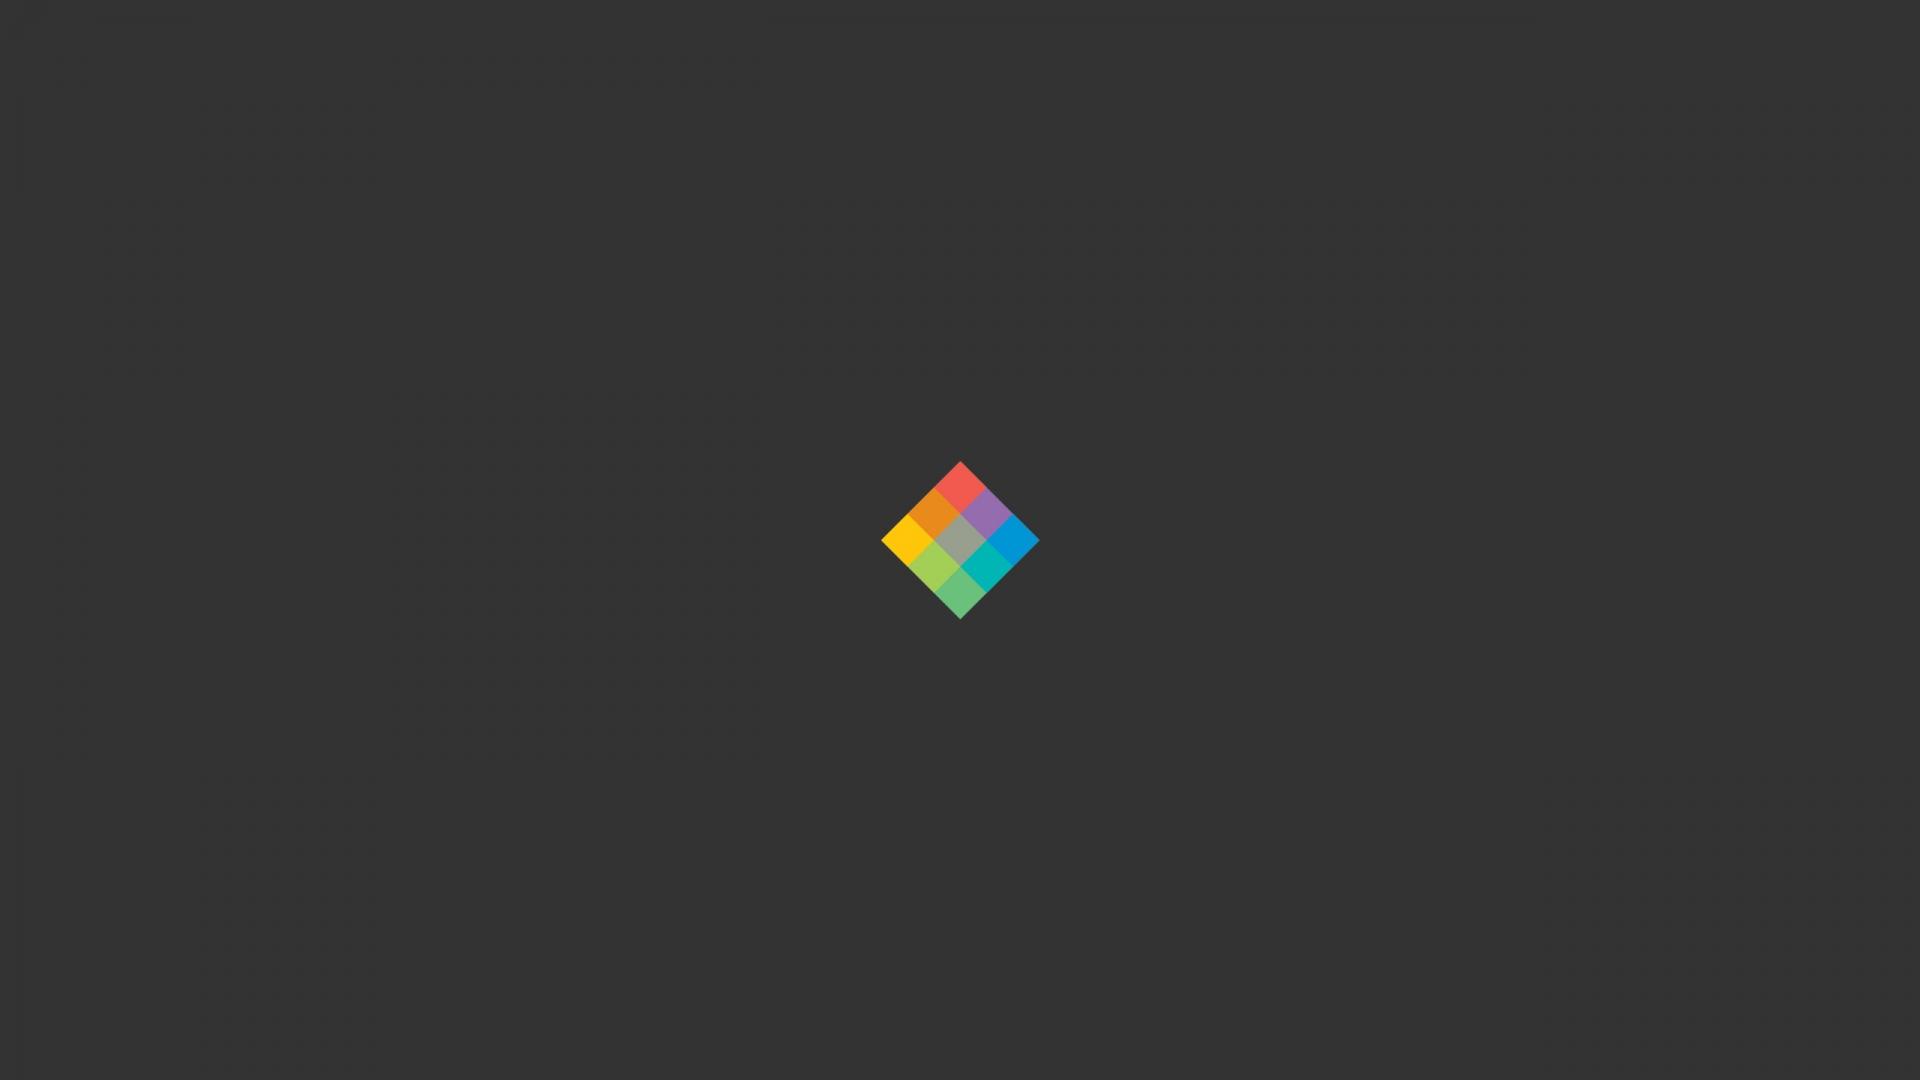 Download Wallpaper 1920x1080 minimalist cube bright background Full 1920x1080